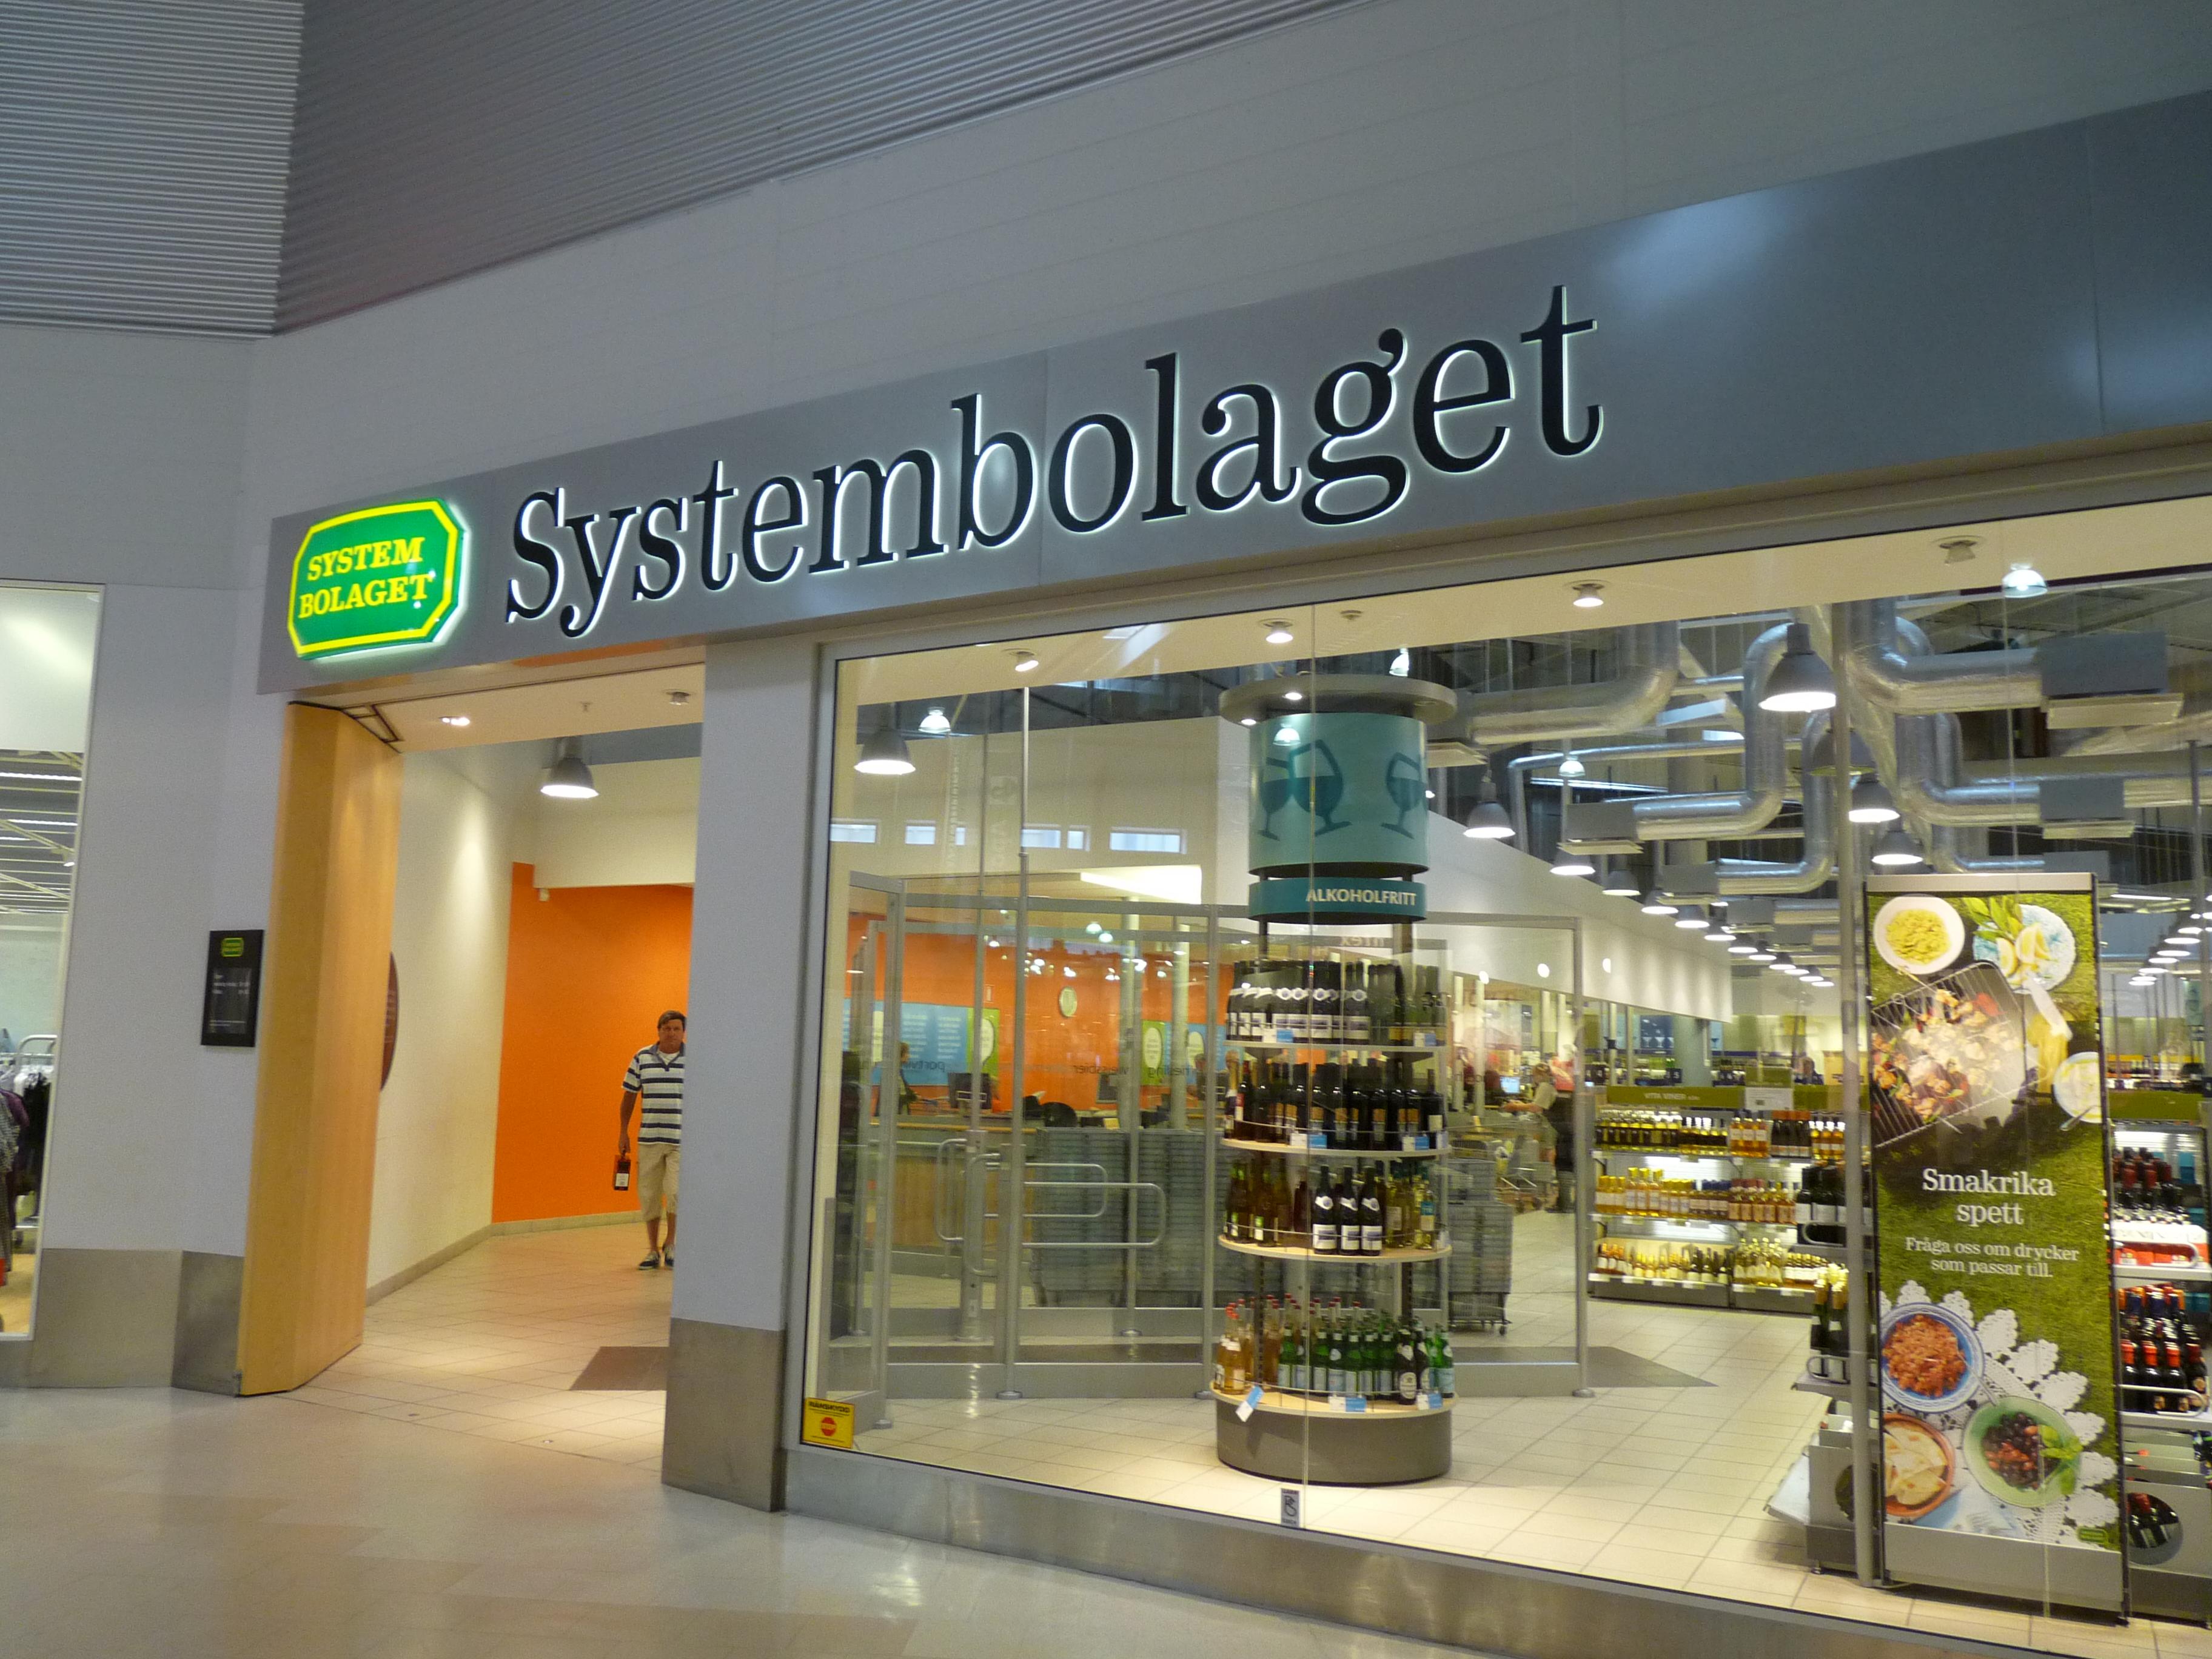 EU-SE-Stockholm-KK-Systemolaget